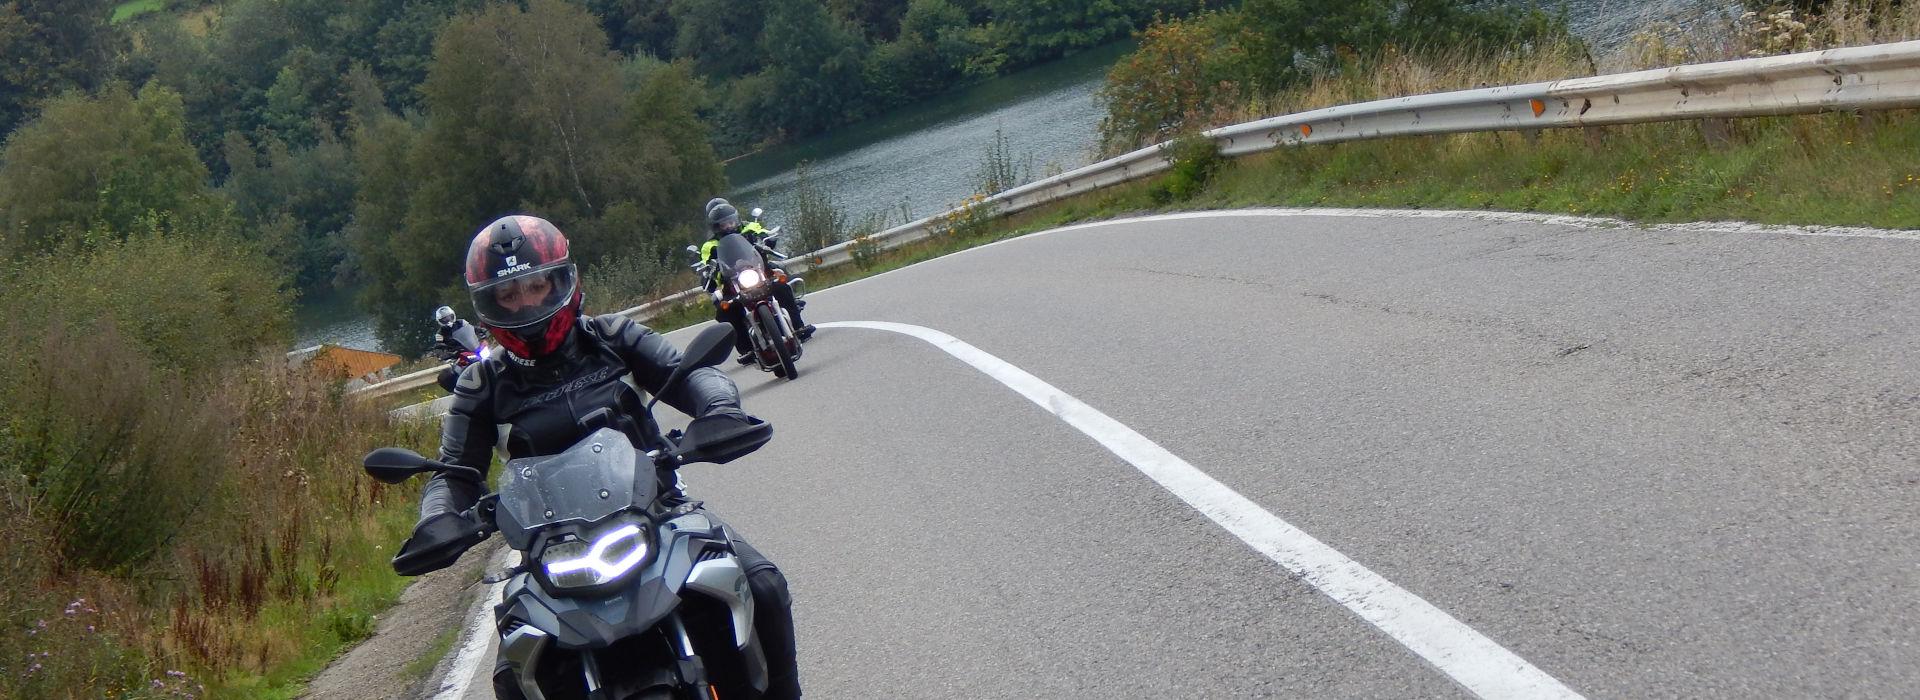 Motorrijbewijspoint Oss motorrijlessen